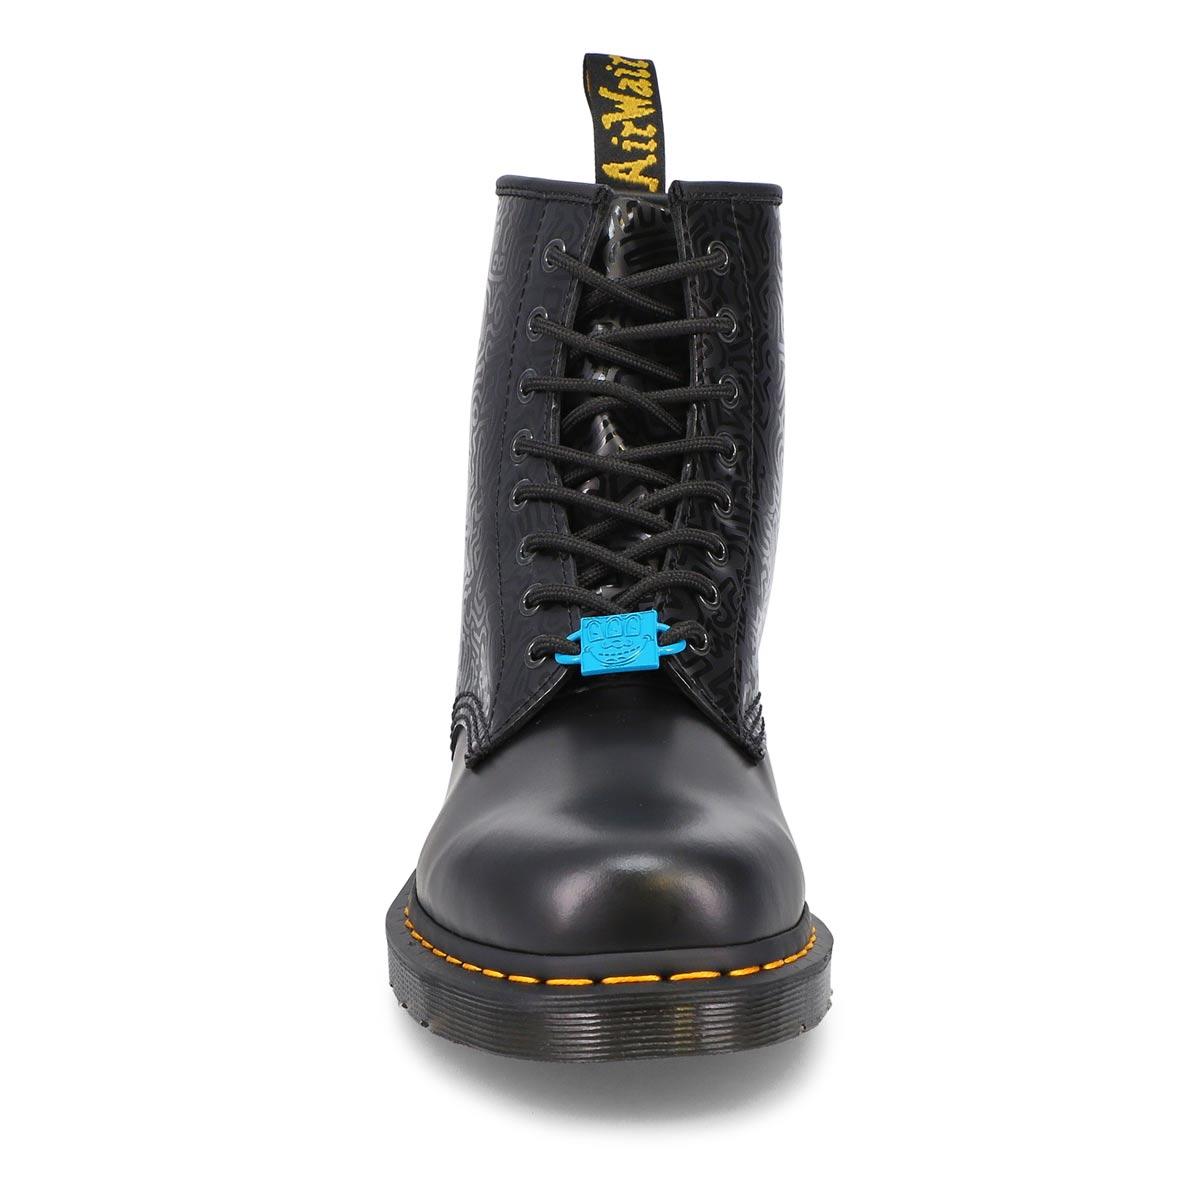 Mens' 1460 Keith Haring Boot - Black